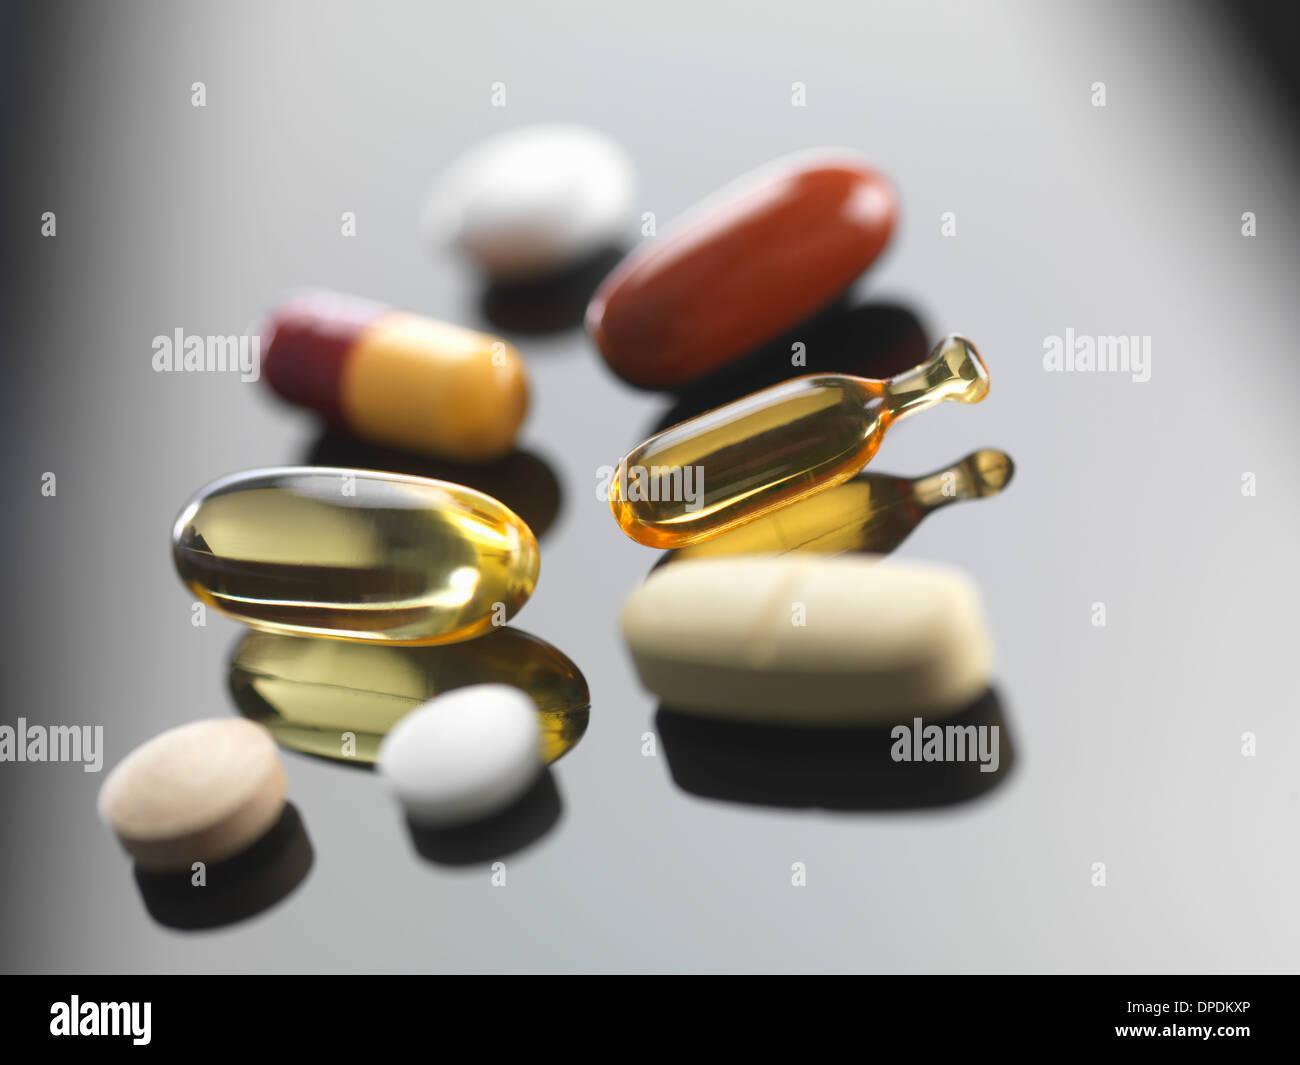 Una selezione di vitamine e integratori a base di erbe Immagini Stock